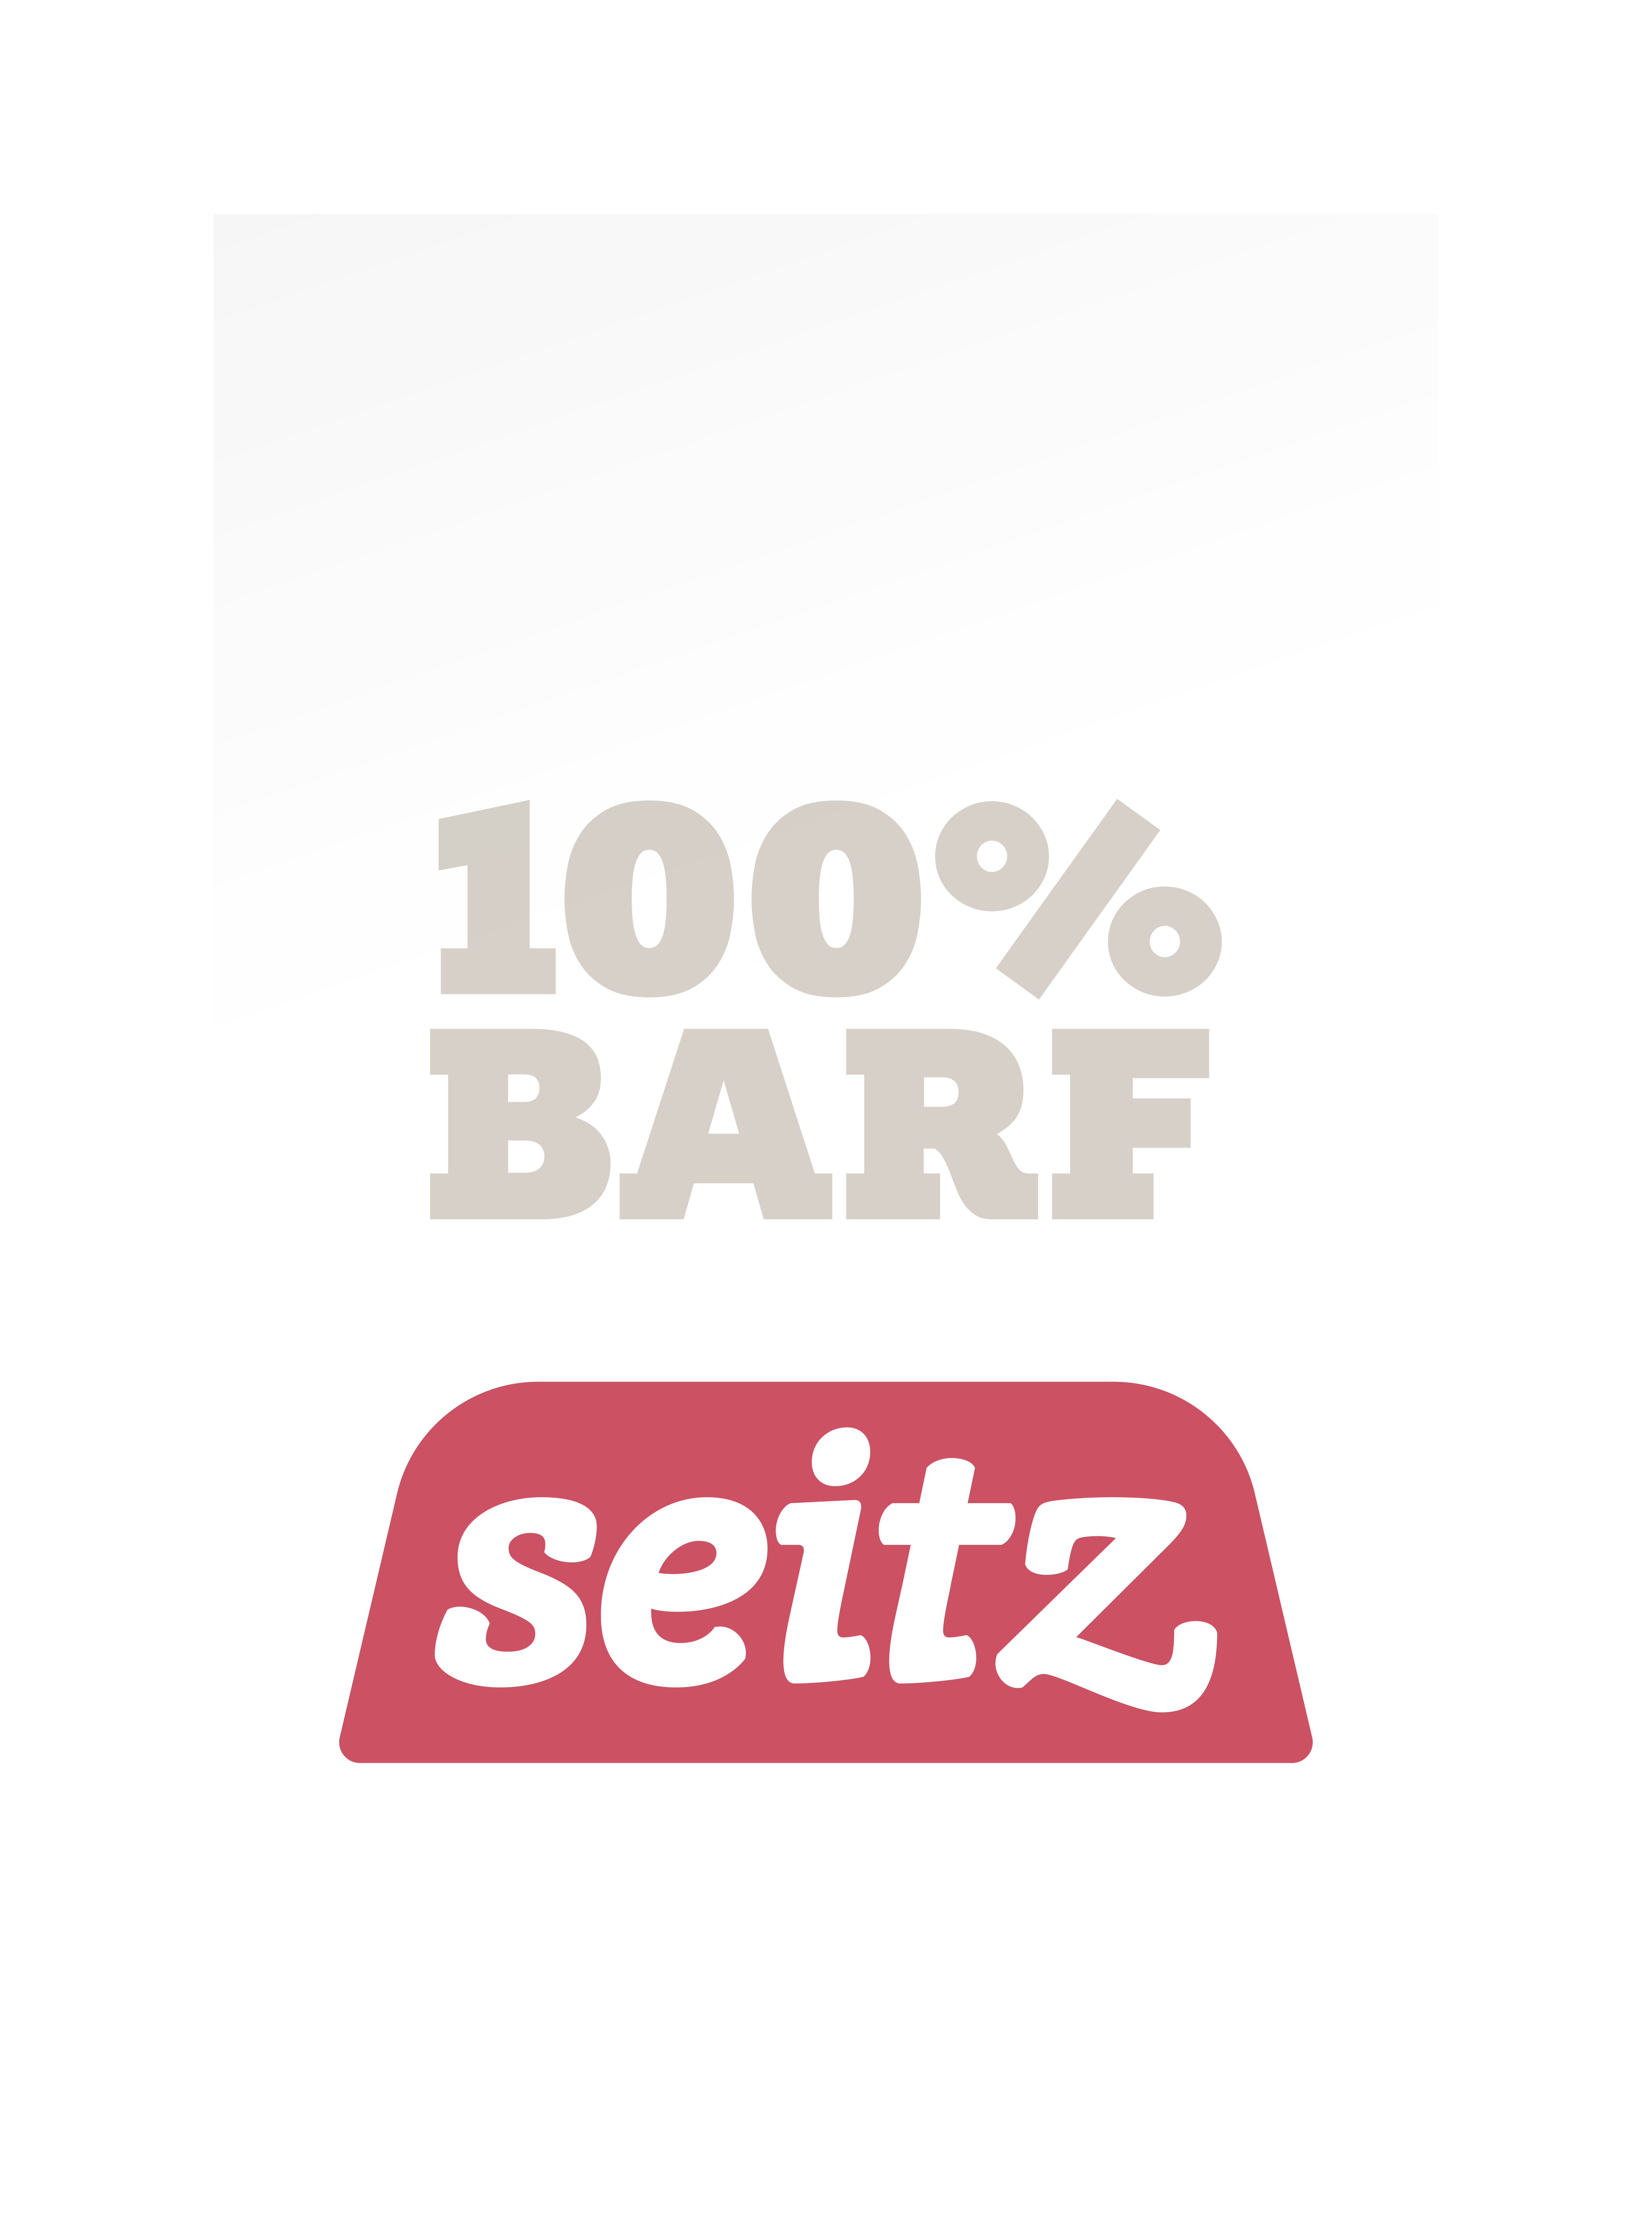 SEITZ_100-BARF_logo